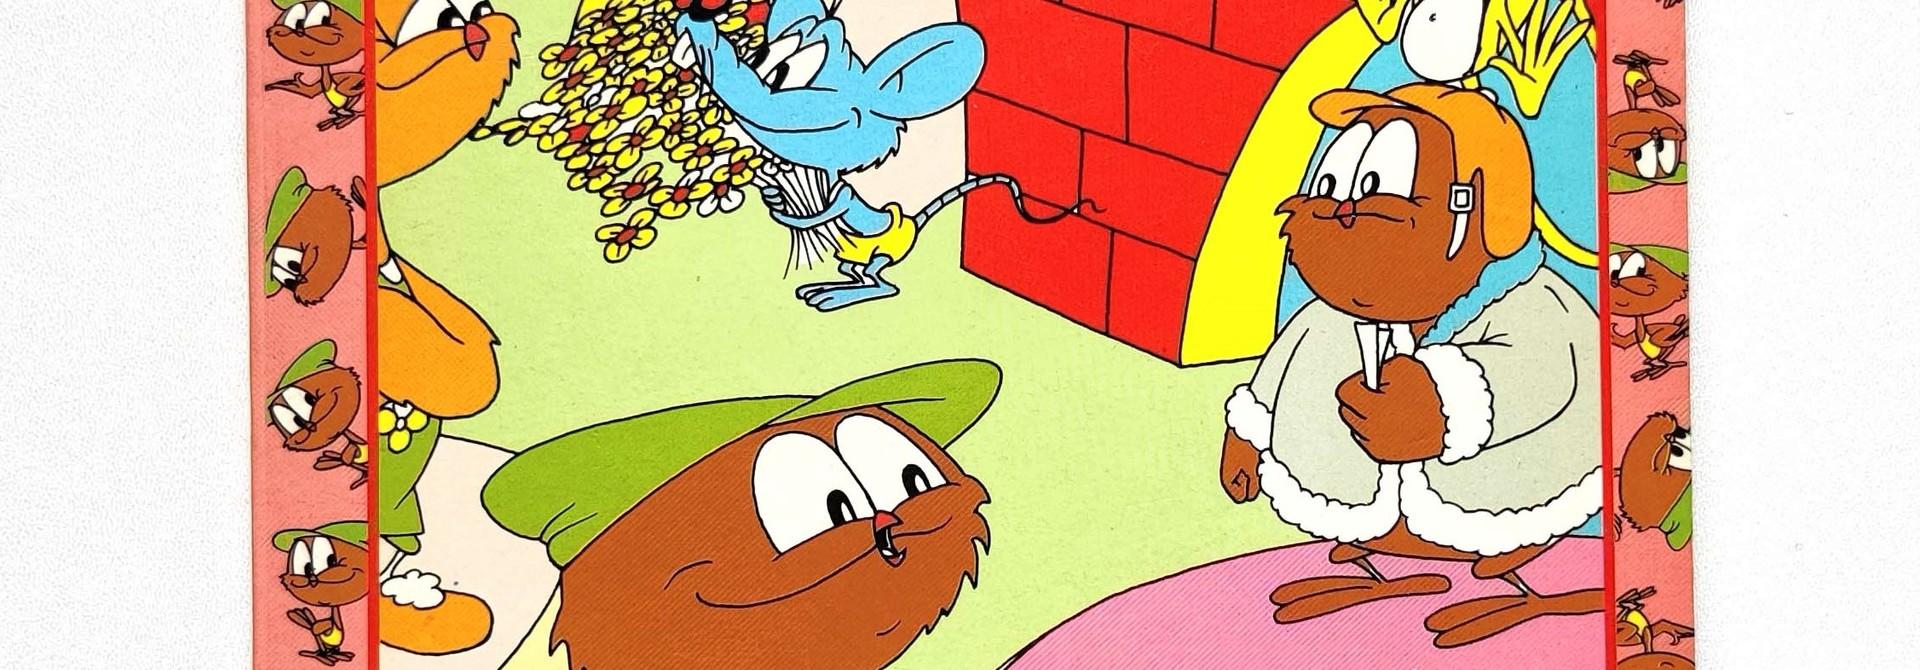 Tjilp de mus in de dierentuin